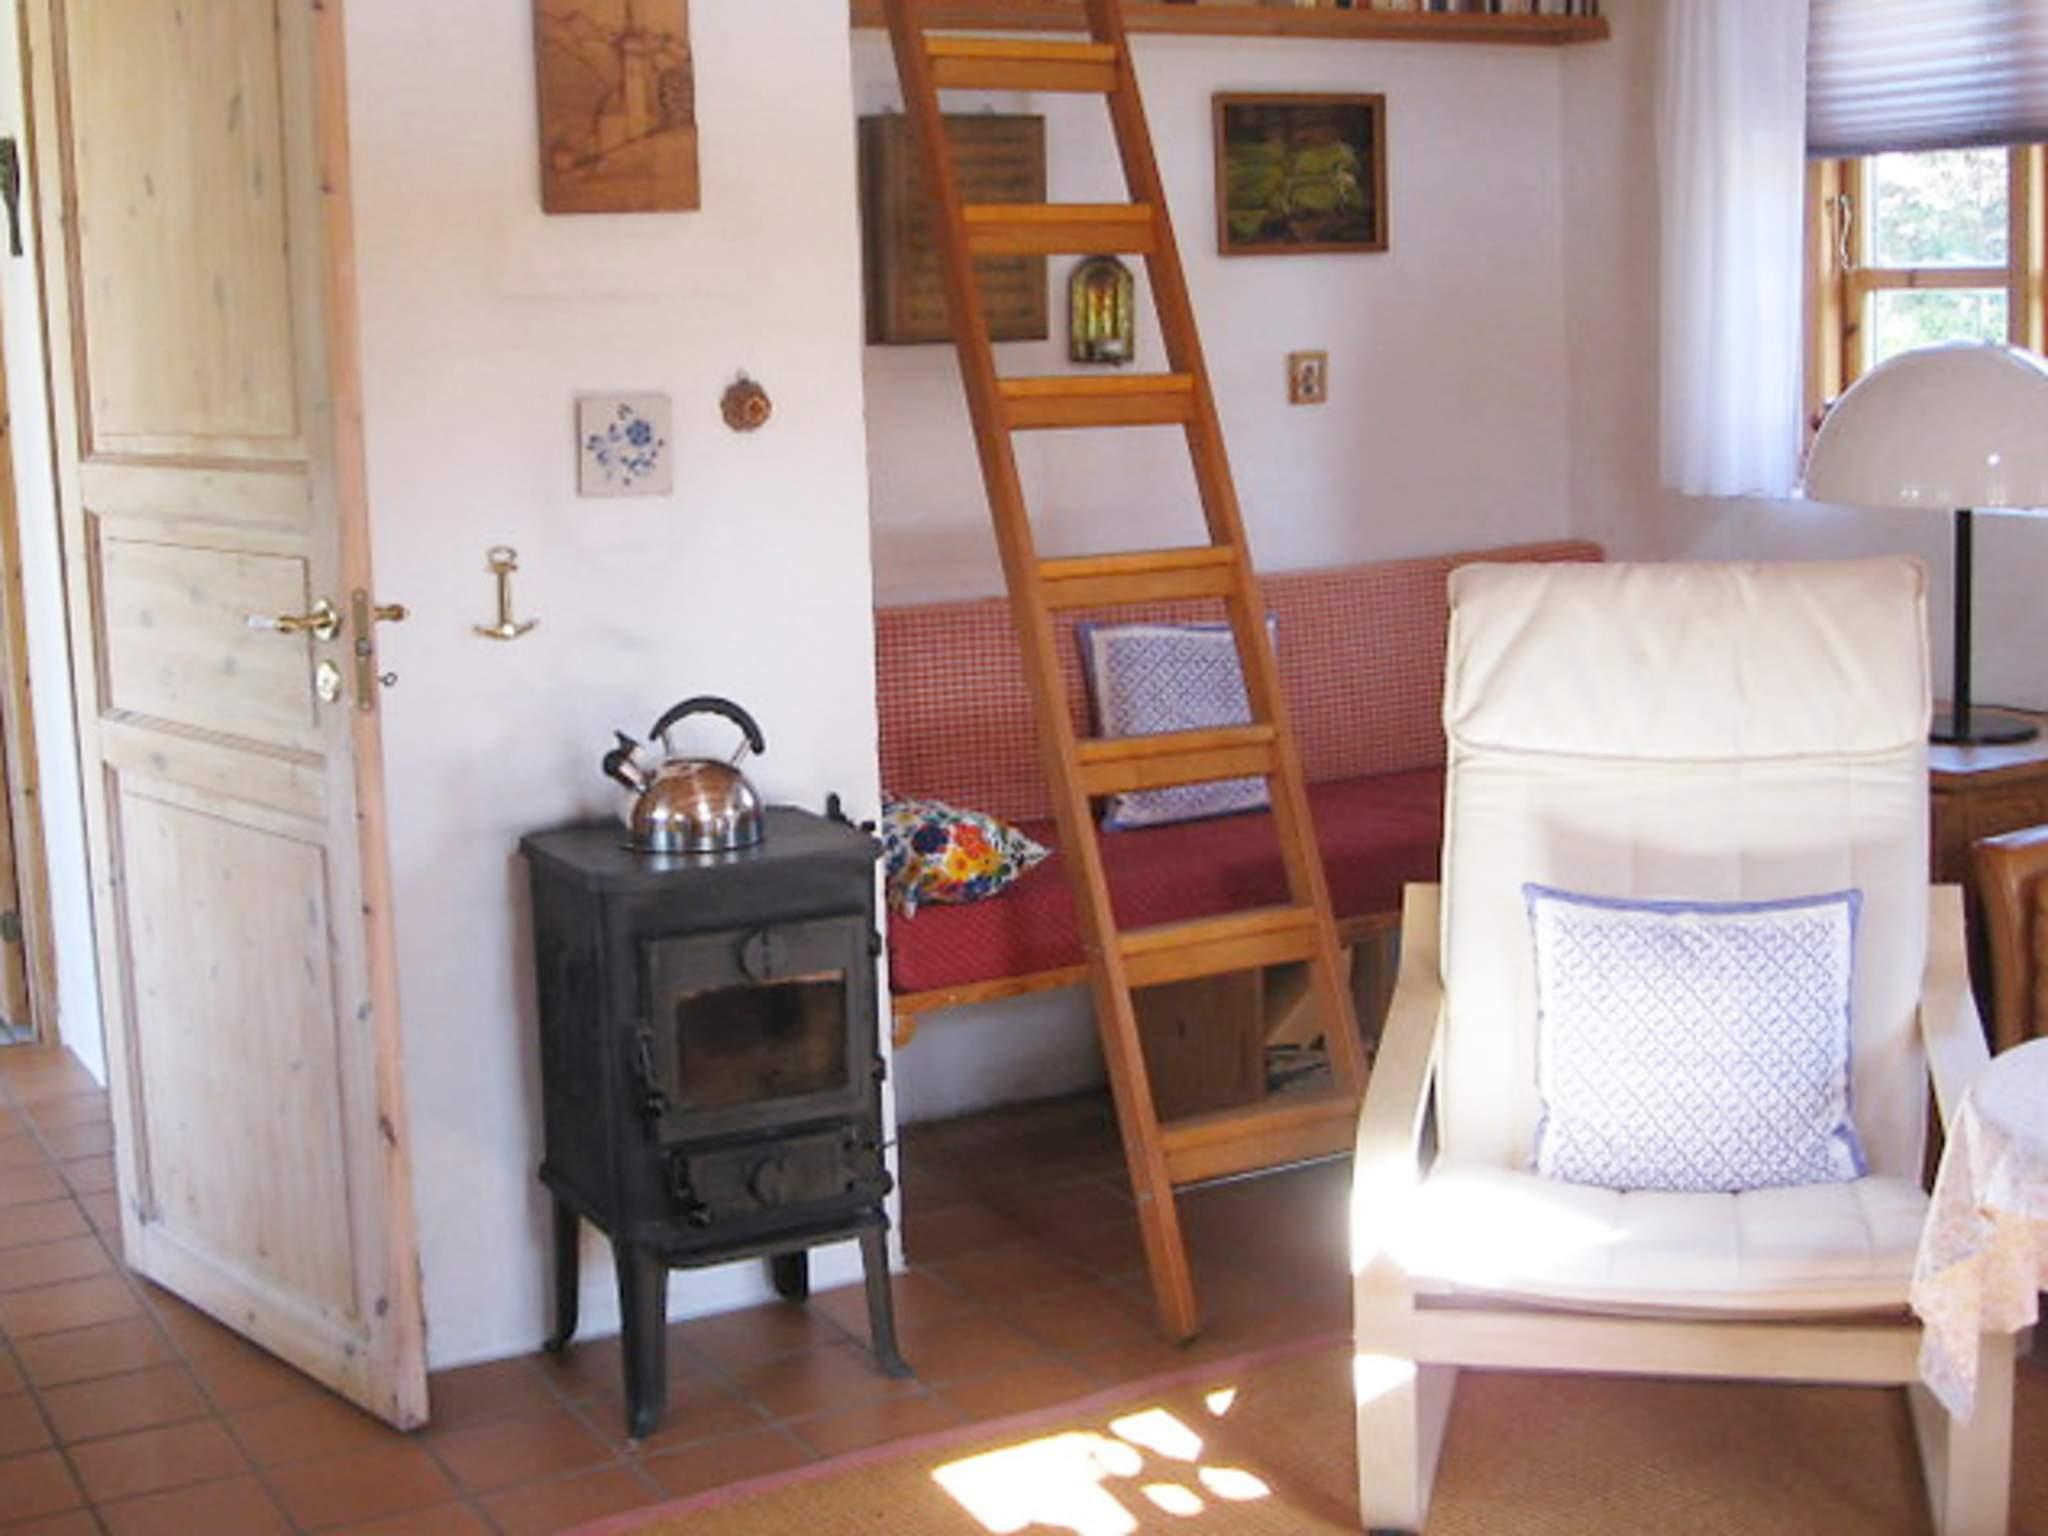 Ferienhaus St. Darum (306951), Bramming, , Südjütland, Dänemark, Bild 4